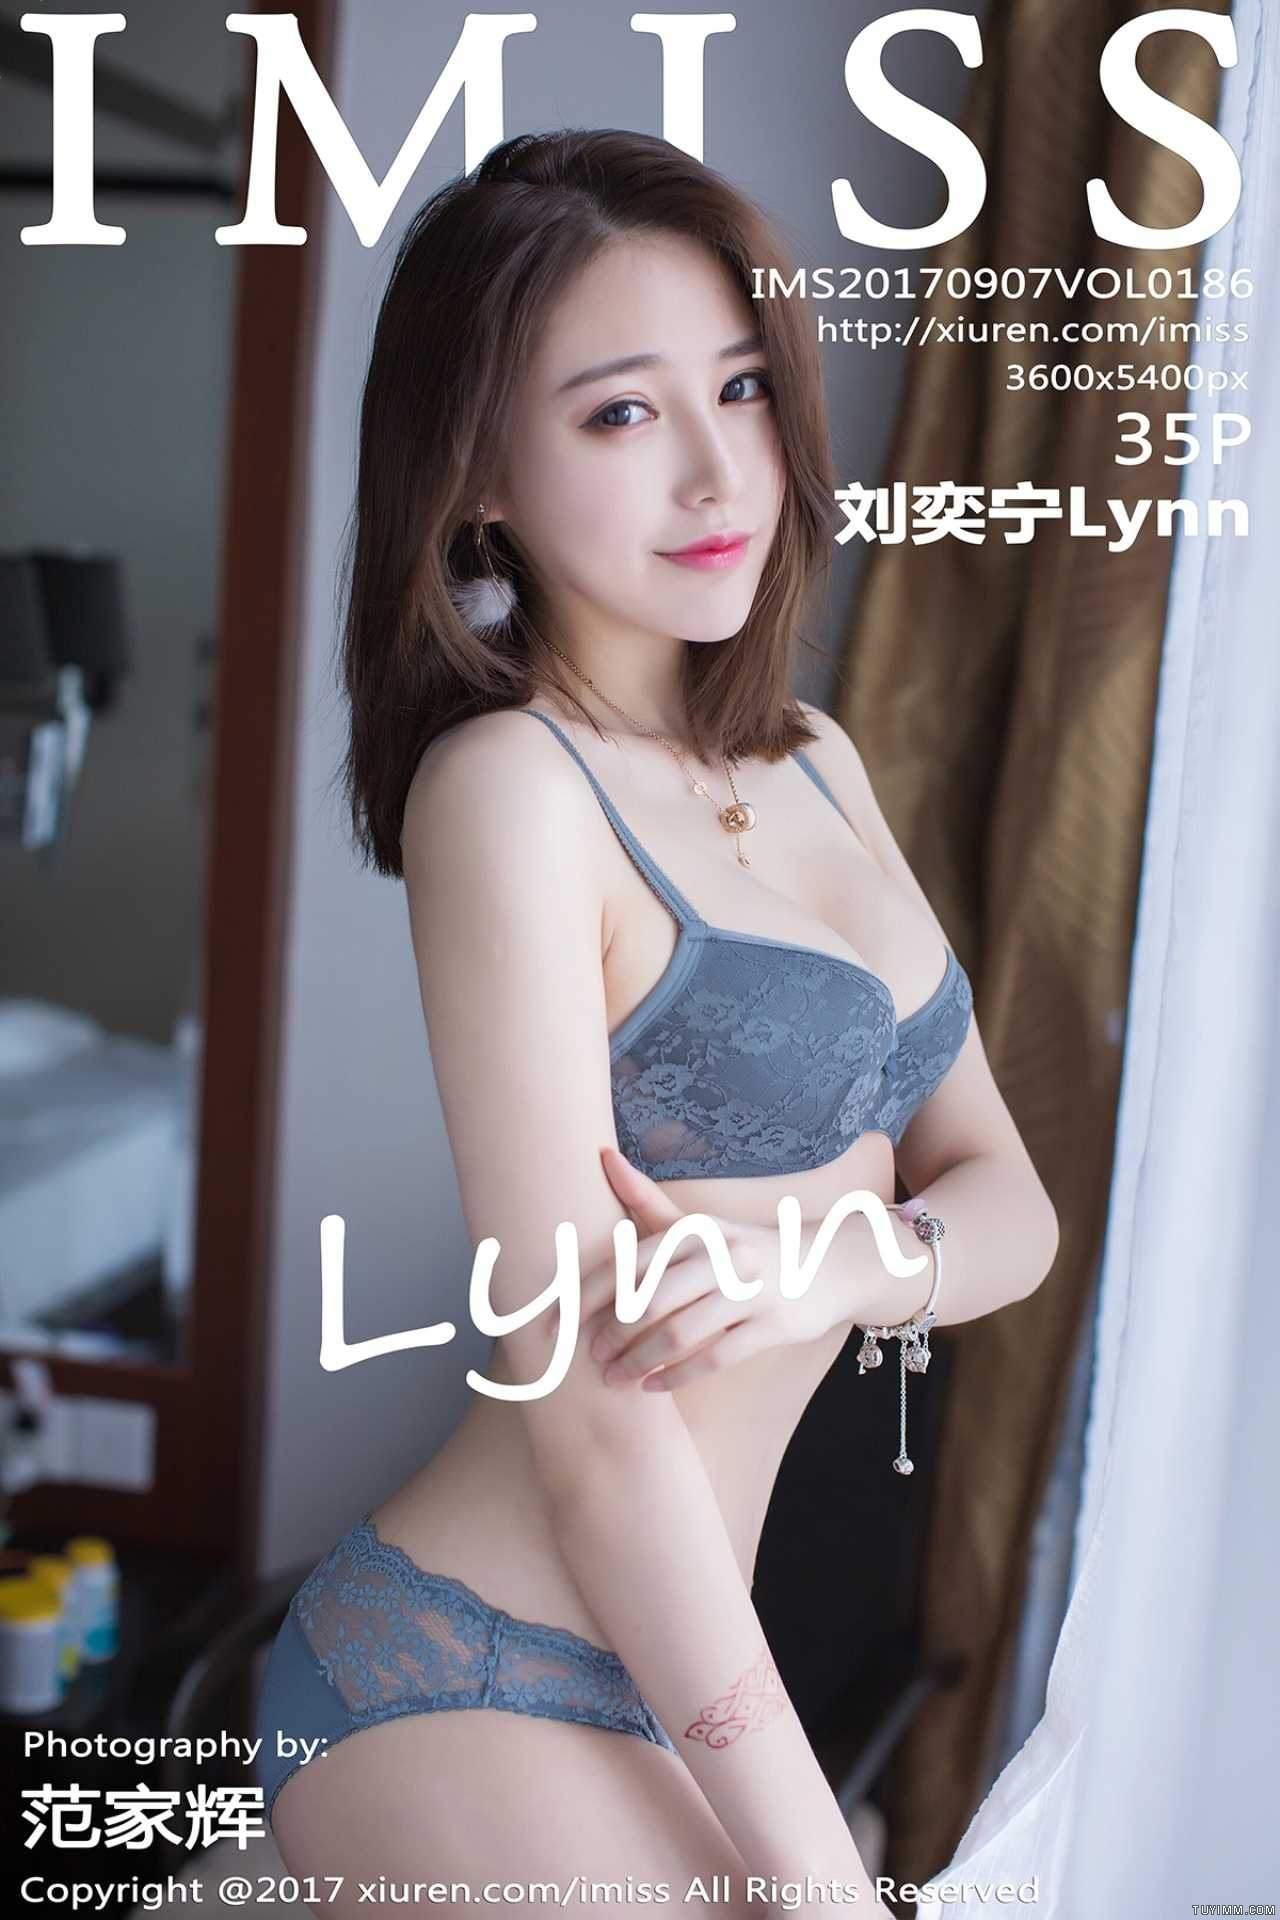 IMISS爱蜜社 2017.09.07 VOL.186 刘奕宁Lynn-第16张图片-哔哔娱乐网